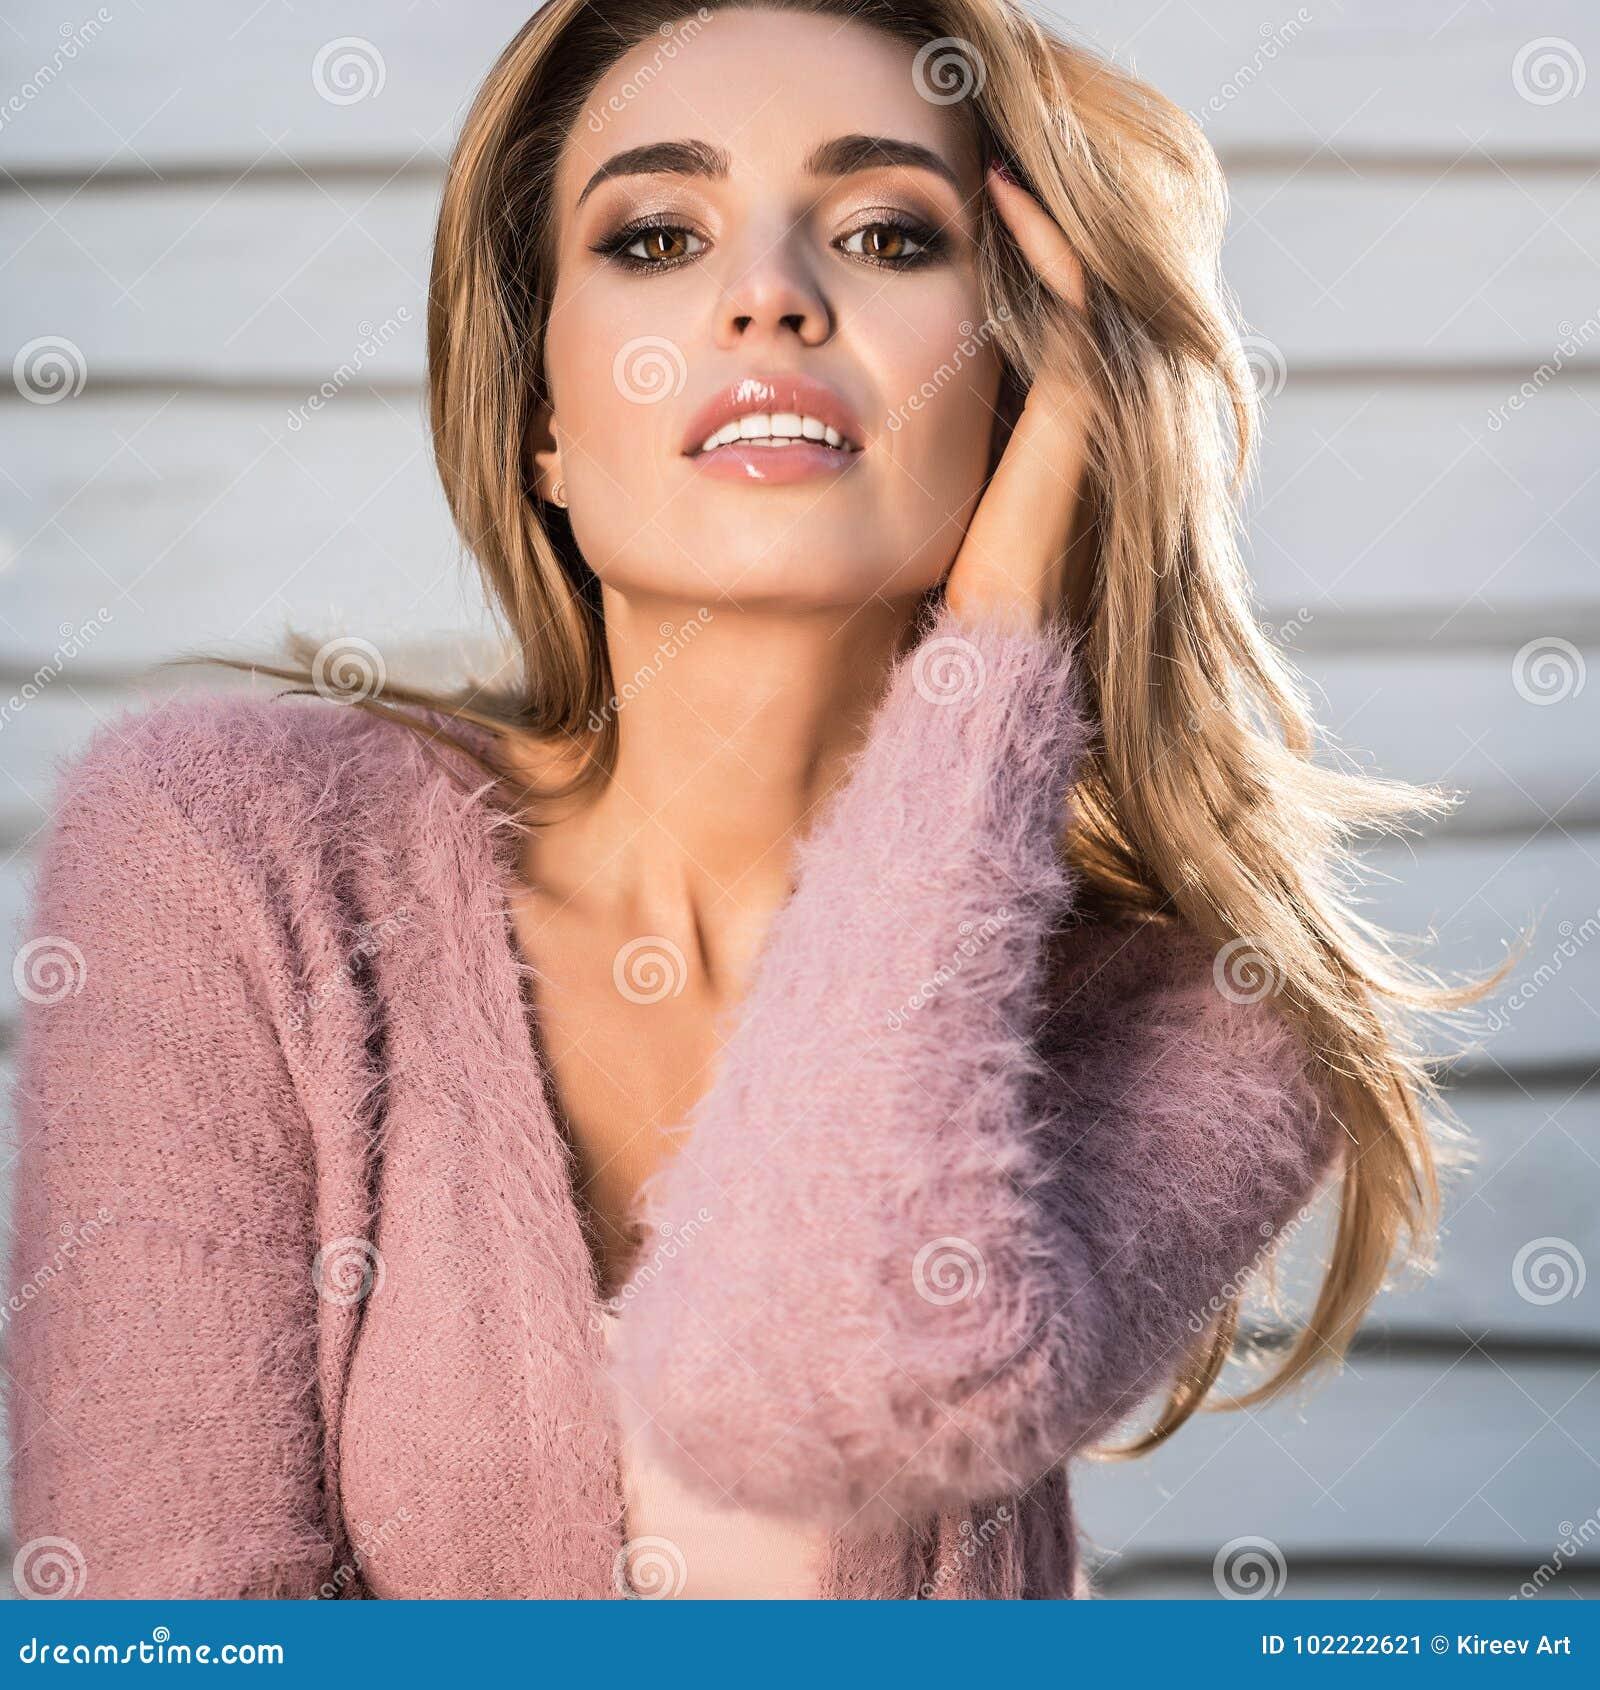 50d78ef810 La Giovane Donna Di Bellezza & Sensuale In Abbigliamento Casual Posa ...